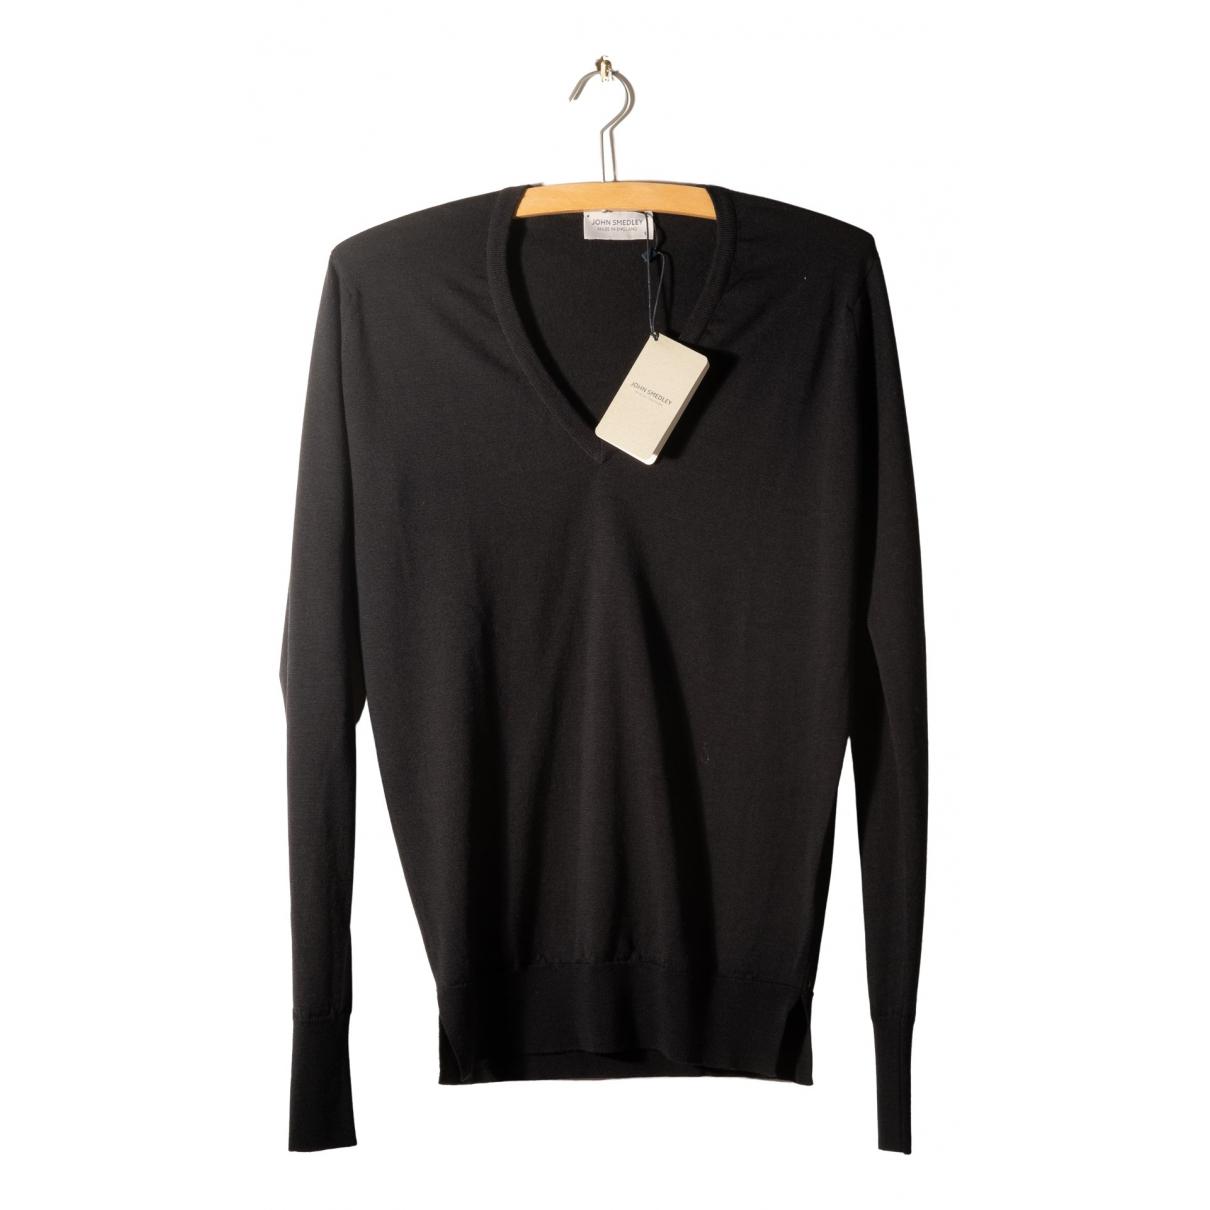 John Smedley - Pull   pour femme en laine - noir